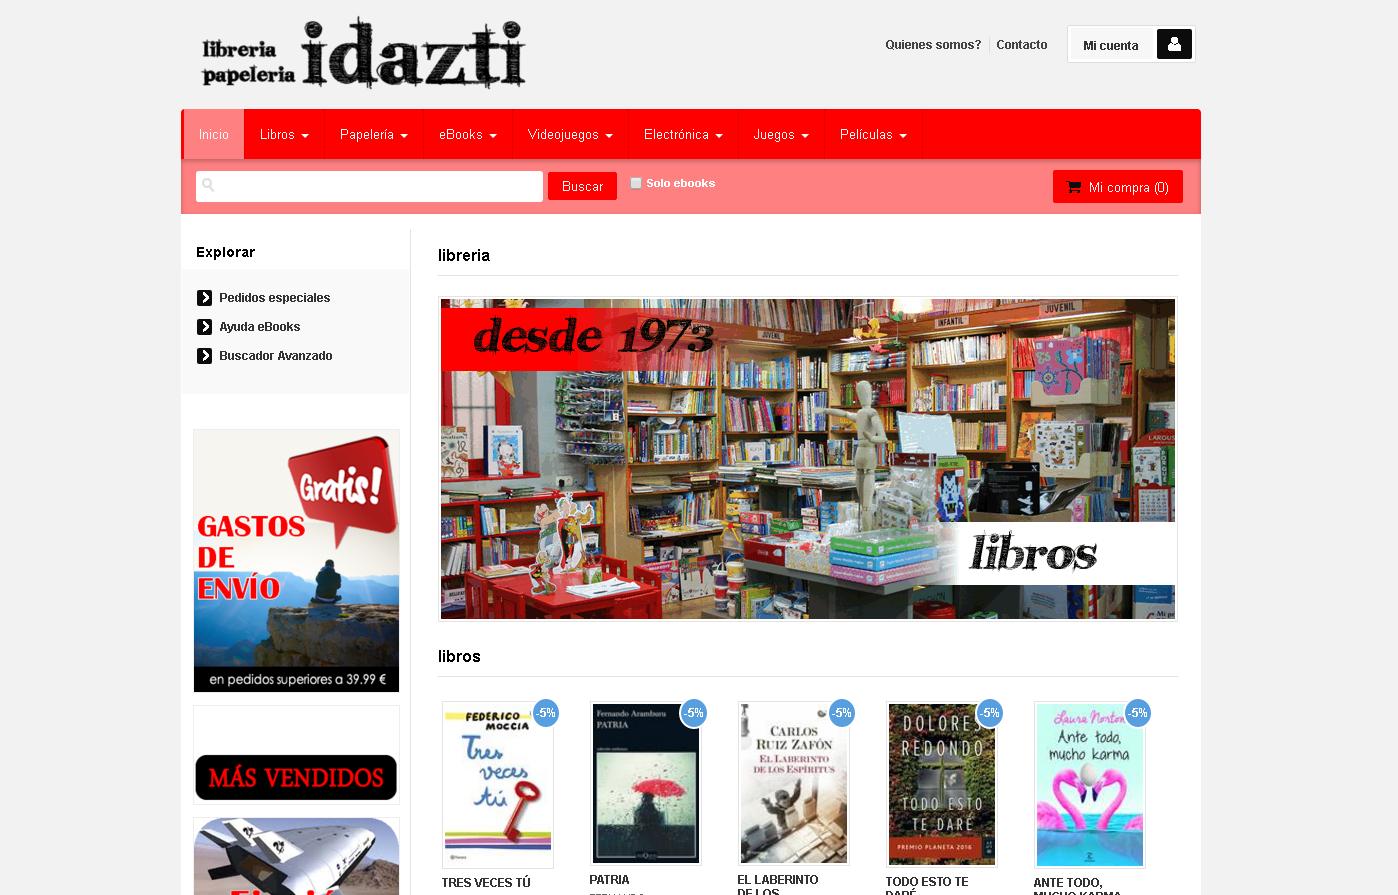 Librería Idazti